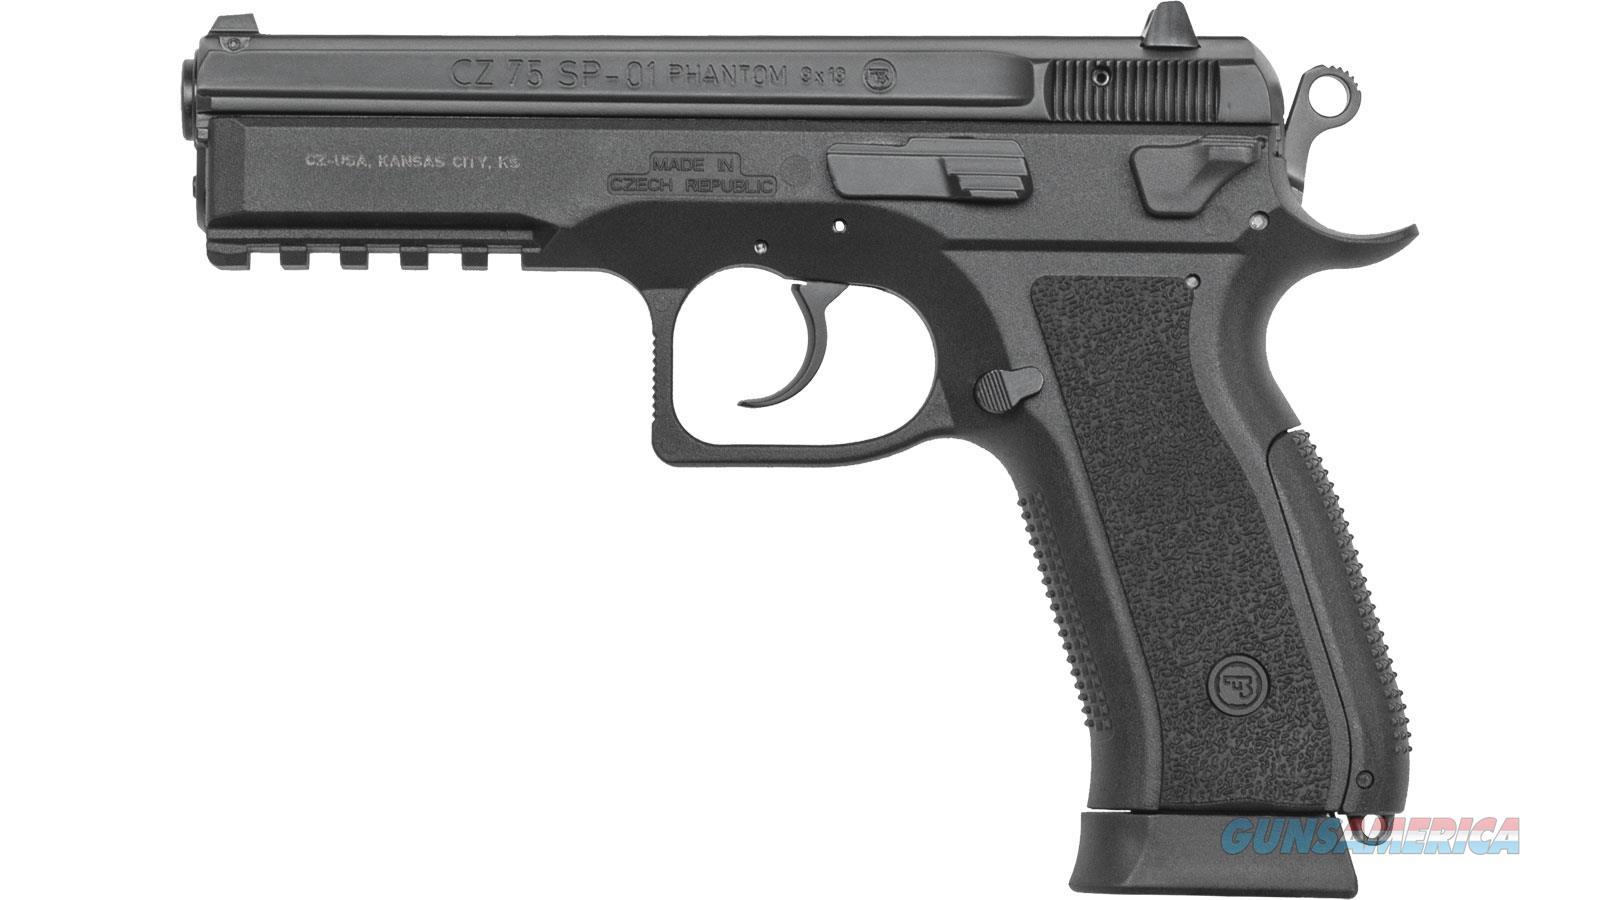 Cz Usa 75 Sp-01 Phantom 9Mm Fs 18-Shot Black Polymer 91258  Guns > Pistols > C Misc Pistols